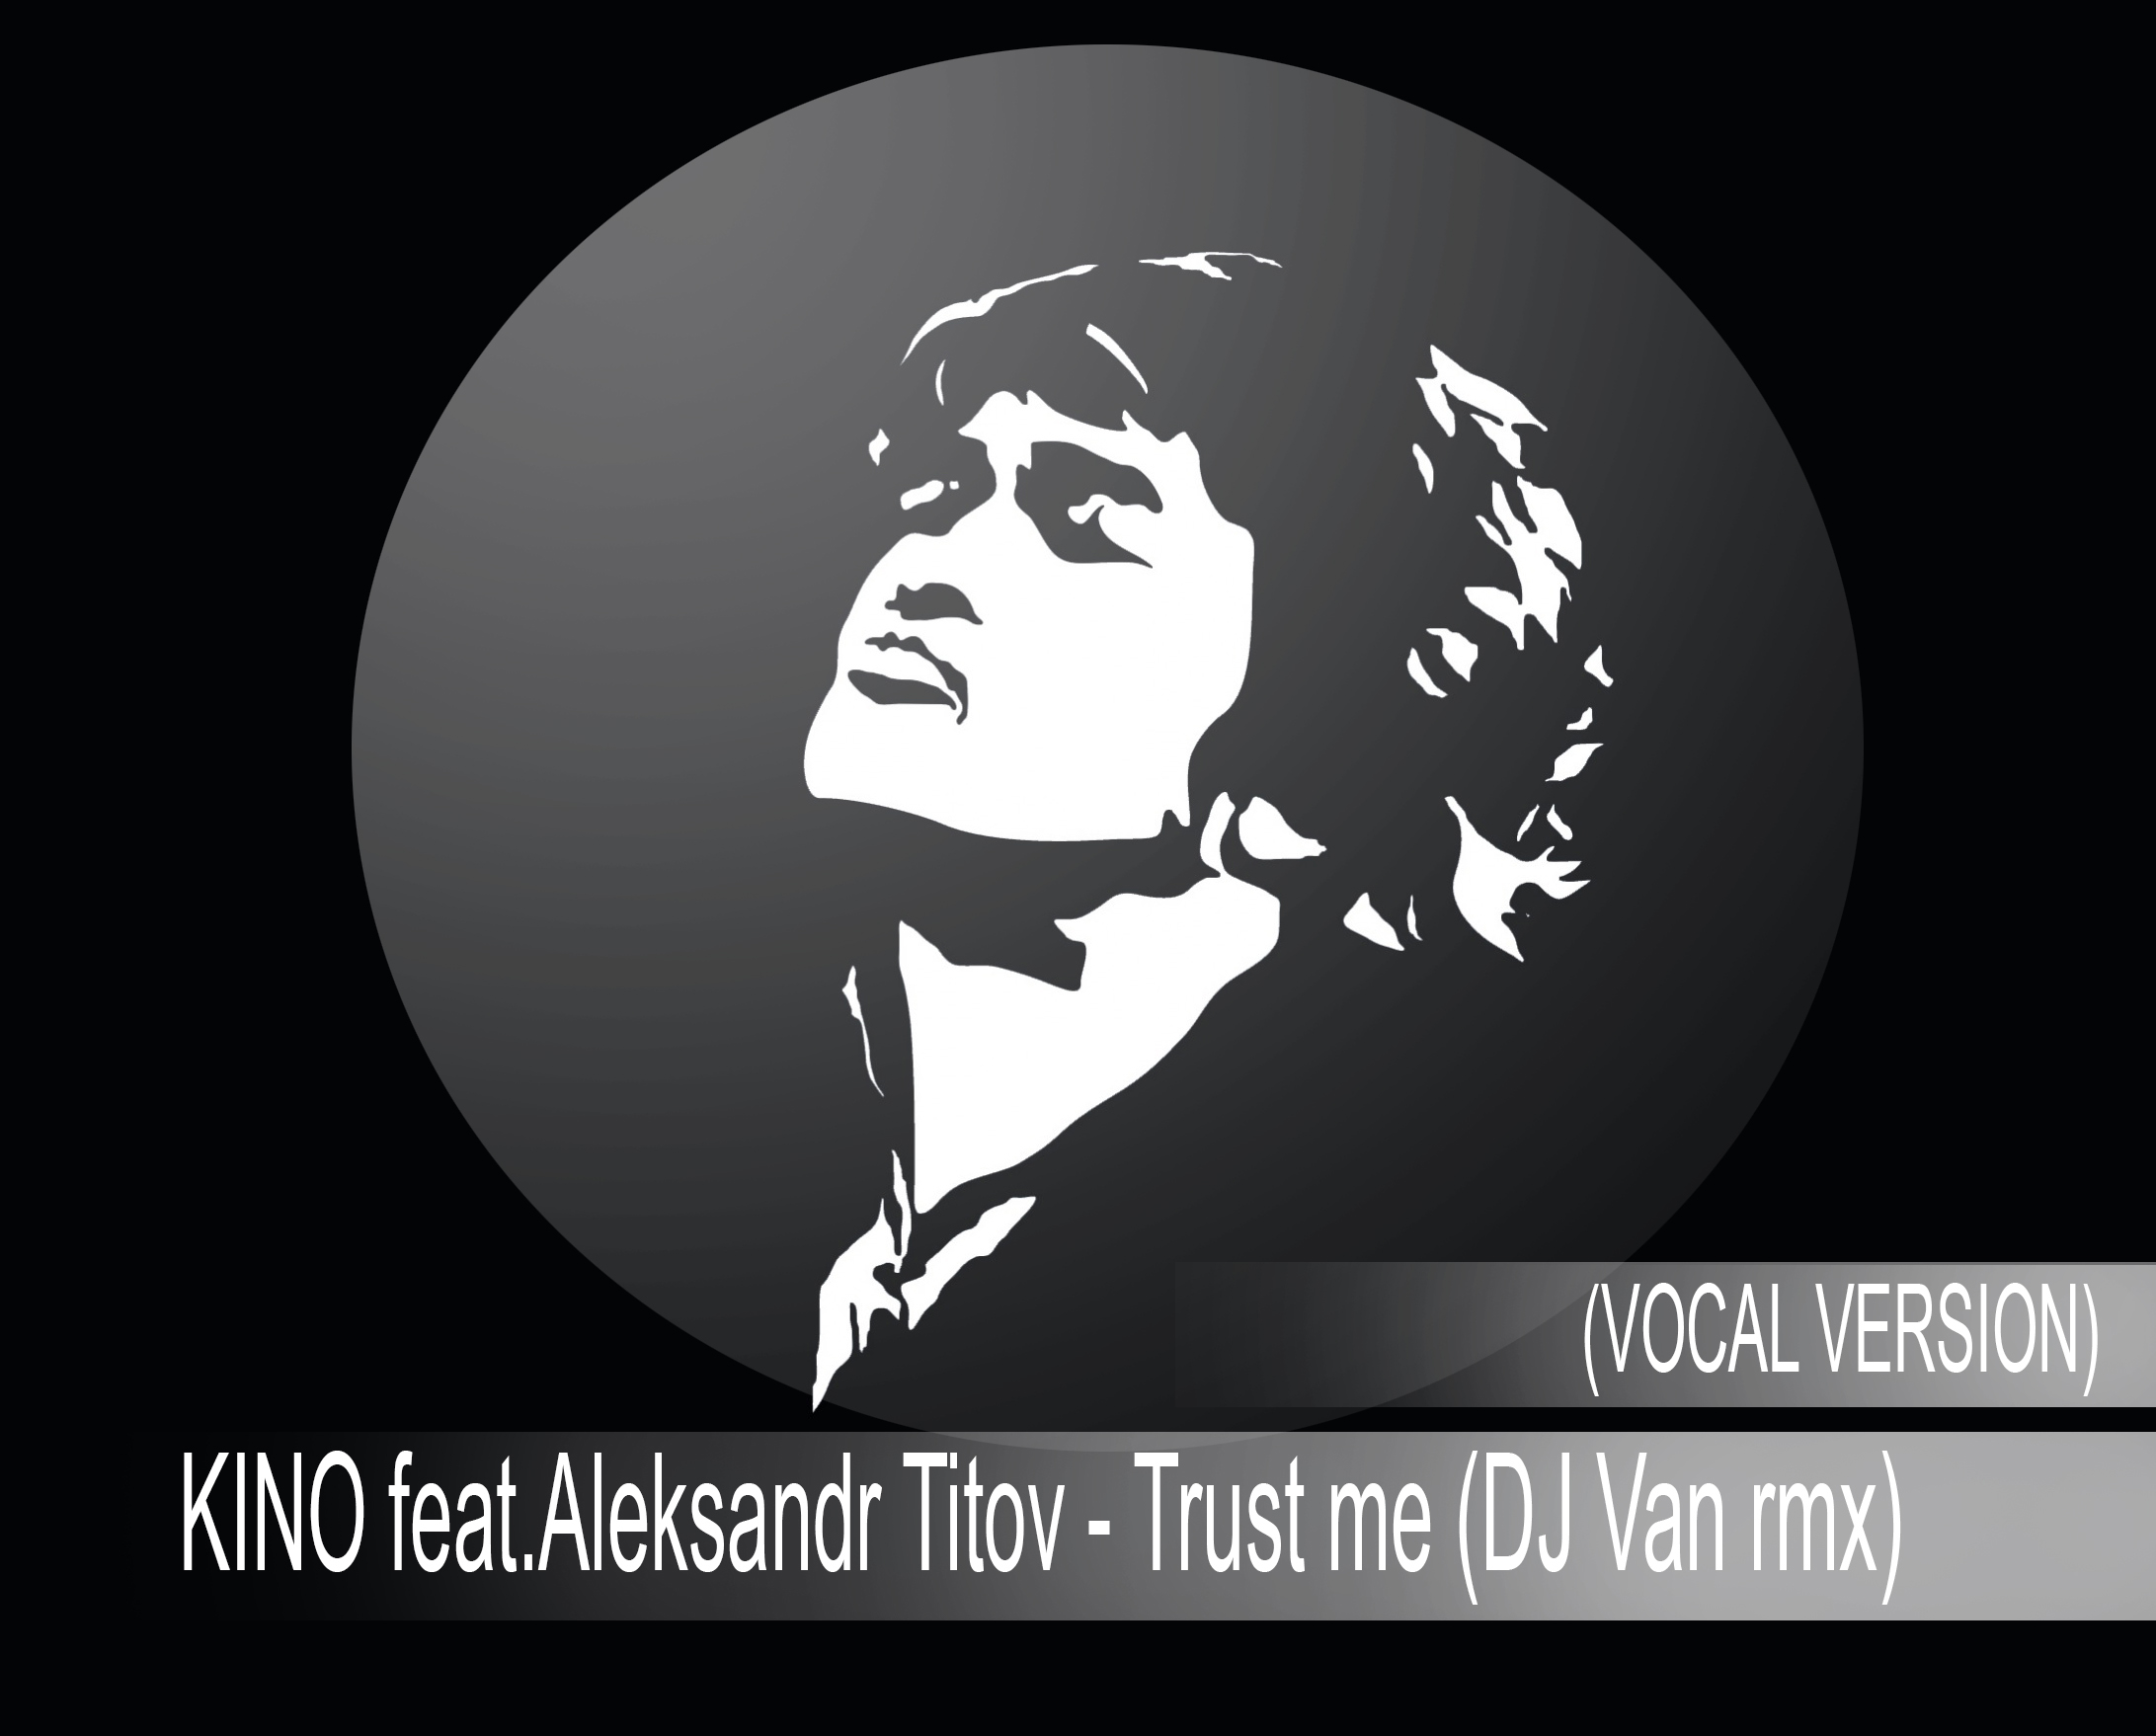 KINO feat.Aleksandr Titov - Trust me  (DJ Van vocal rmx)